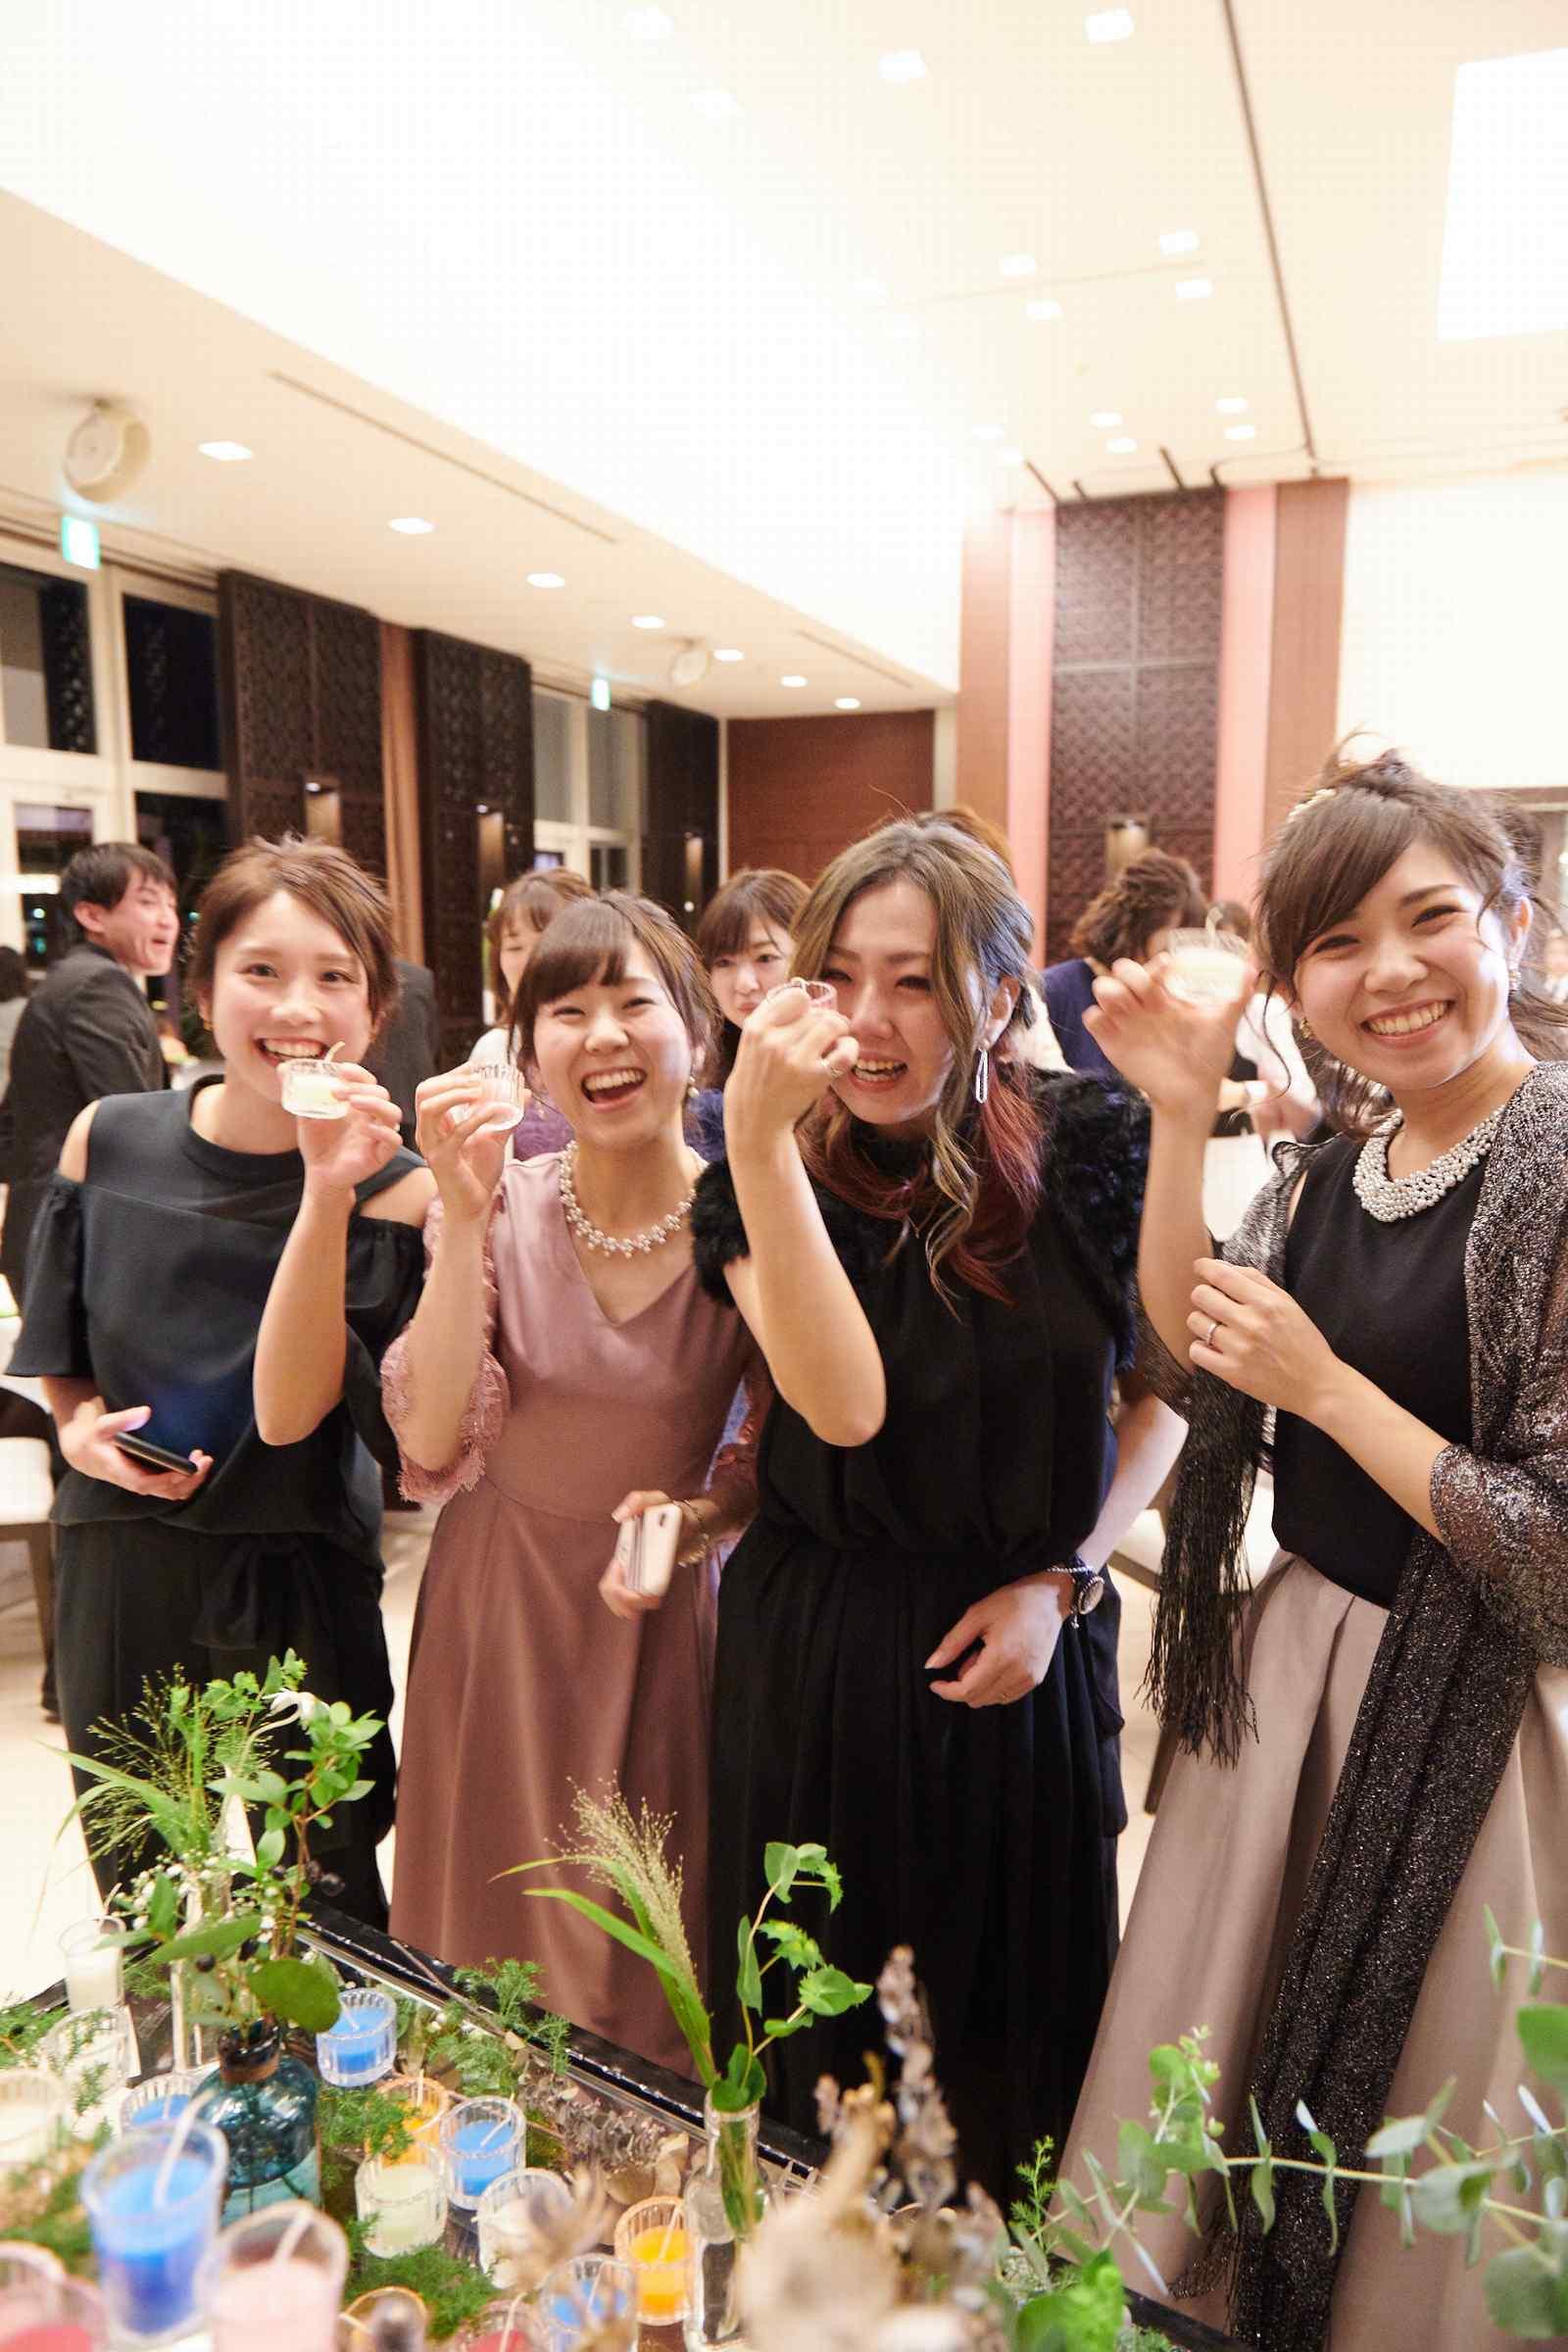 徳島県の結婚式場ブランアンジュでキャンドルビュッフェを楽しむゲスト